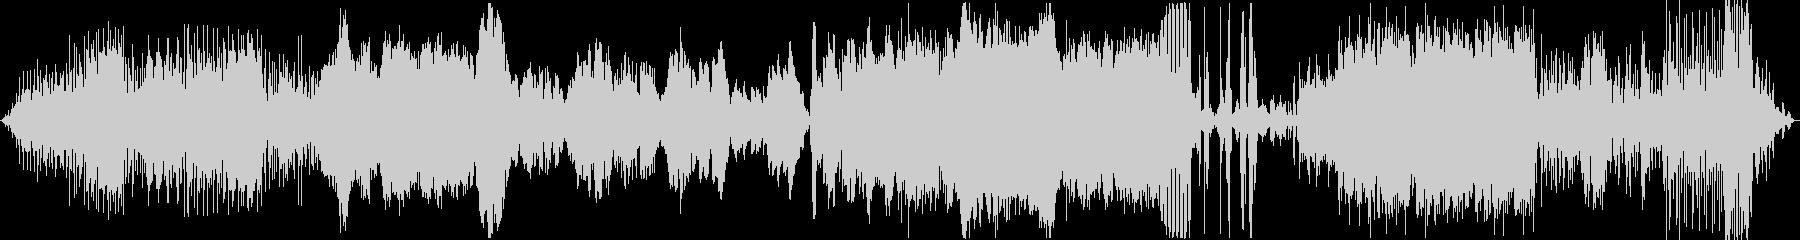 土着的なリズムを感じるアンビエント曲の未再生の波形